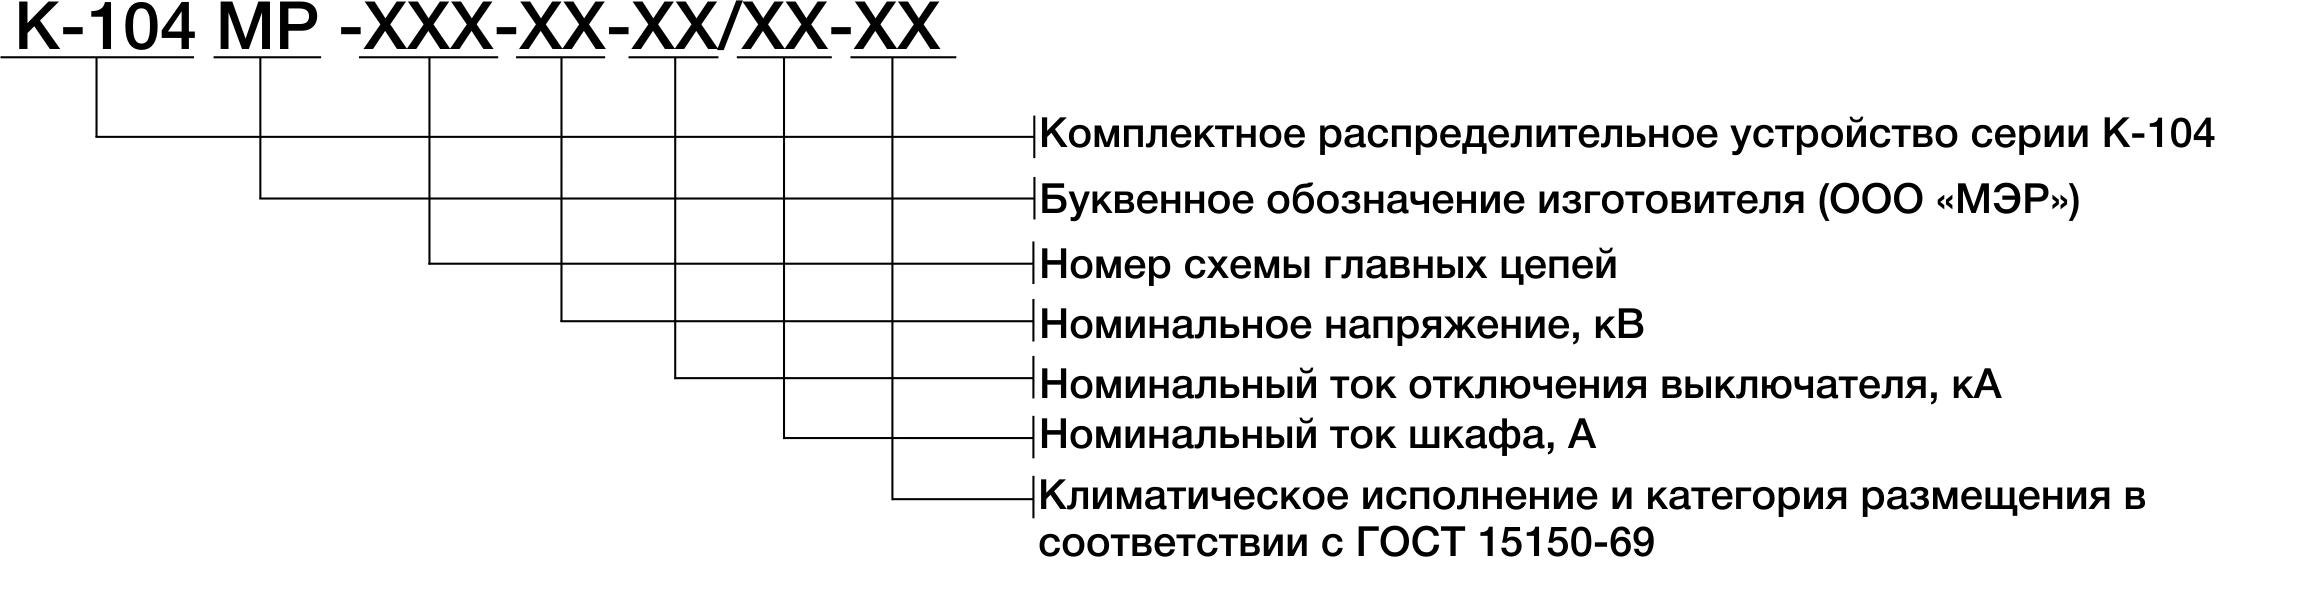 Структура условного обозначения КРУ серии К-104МР